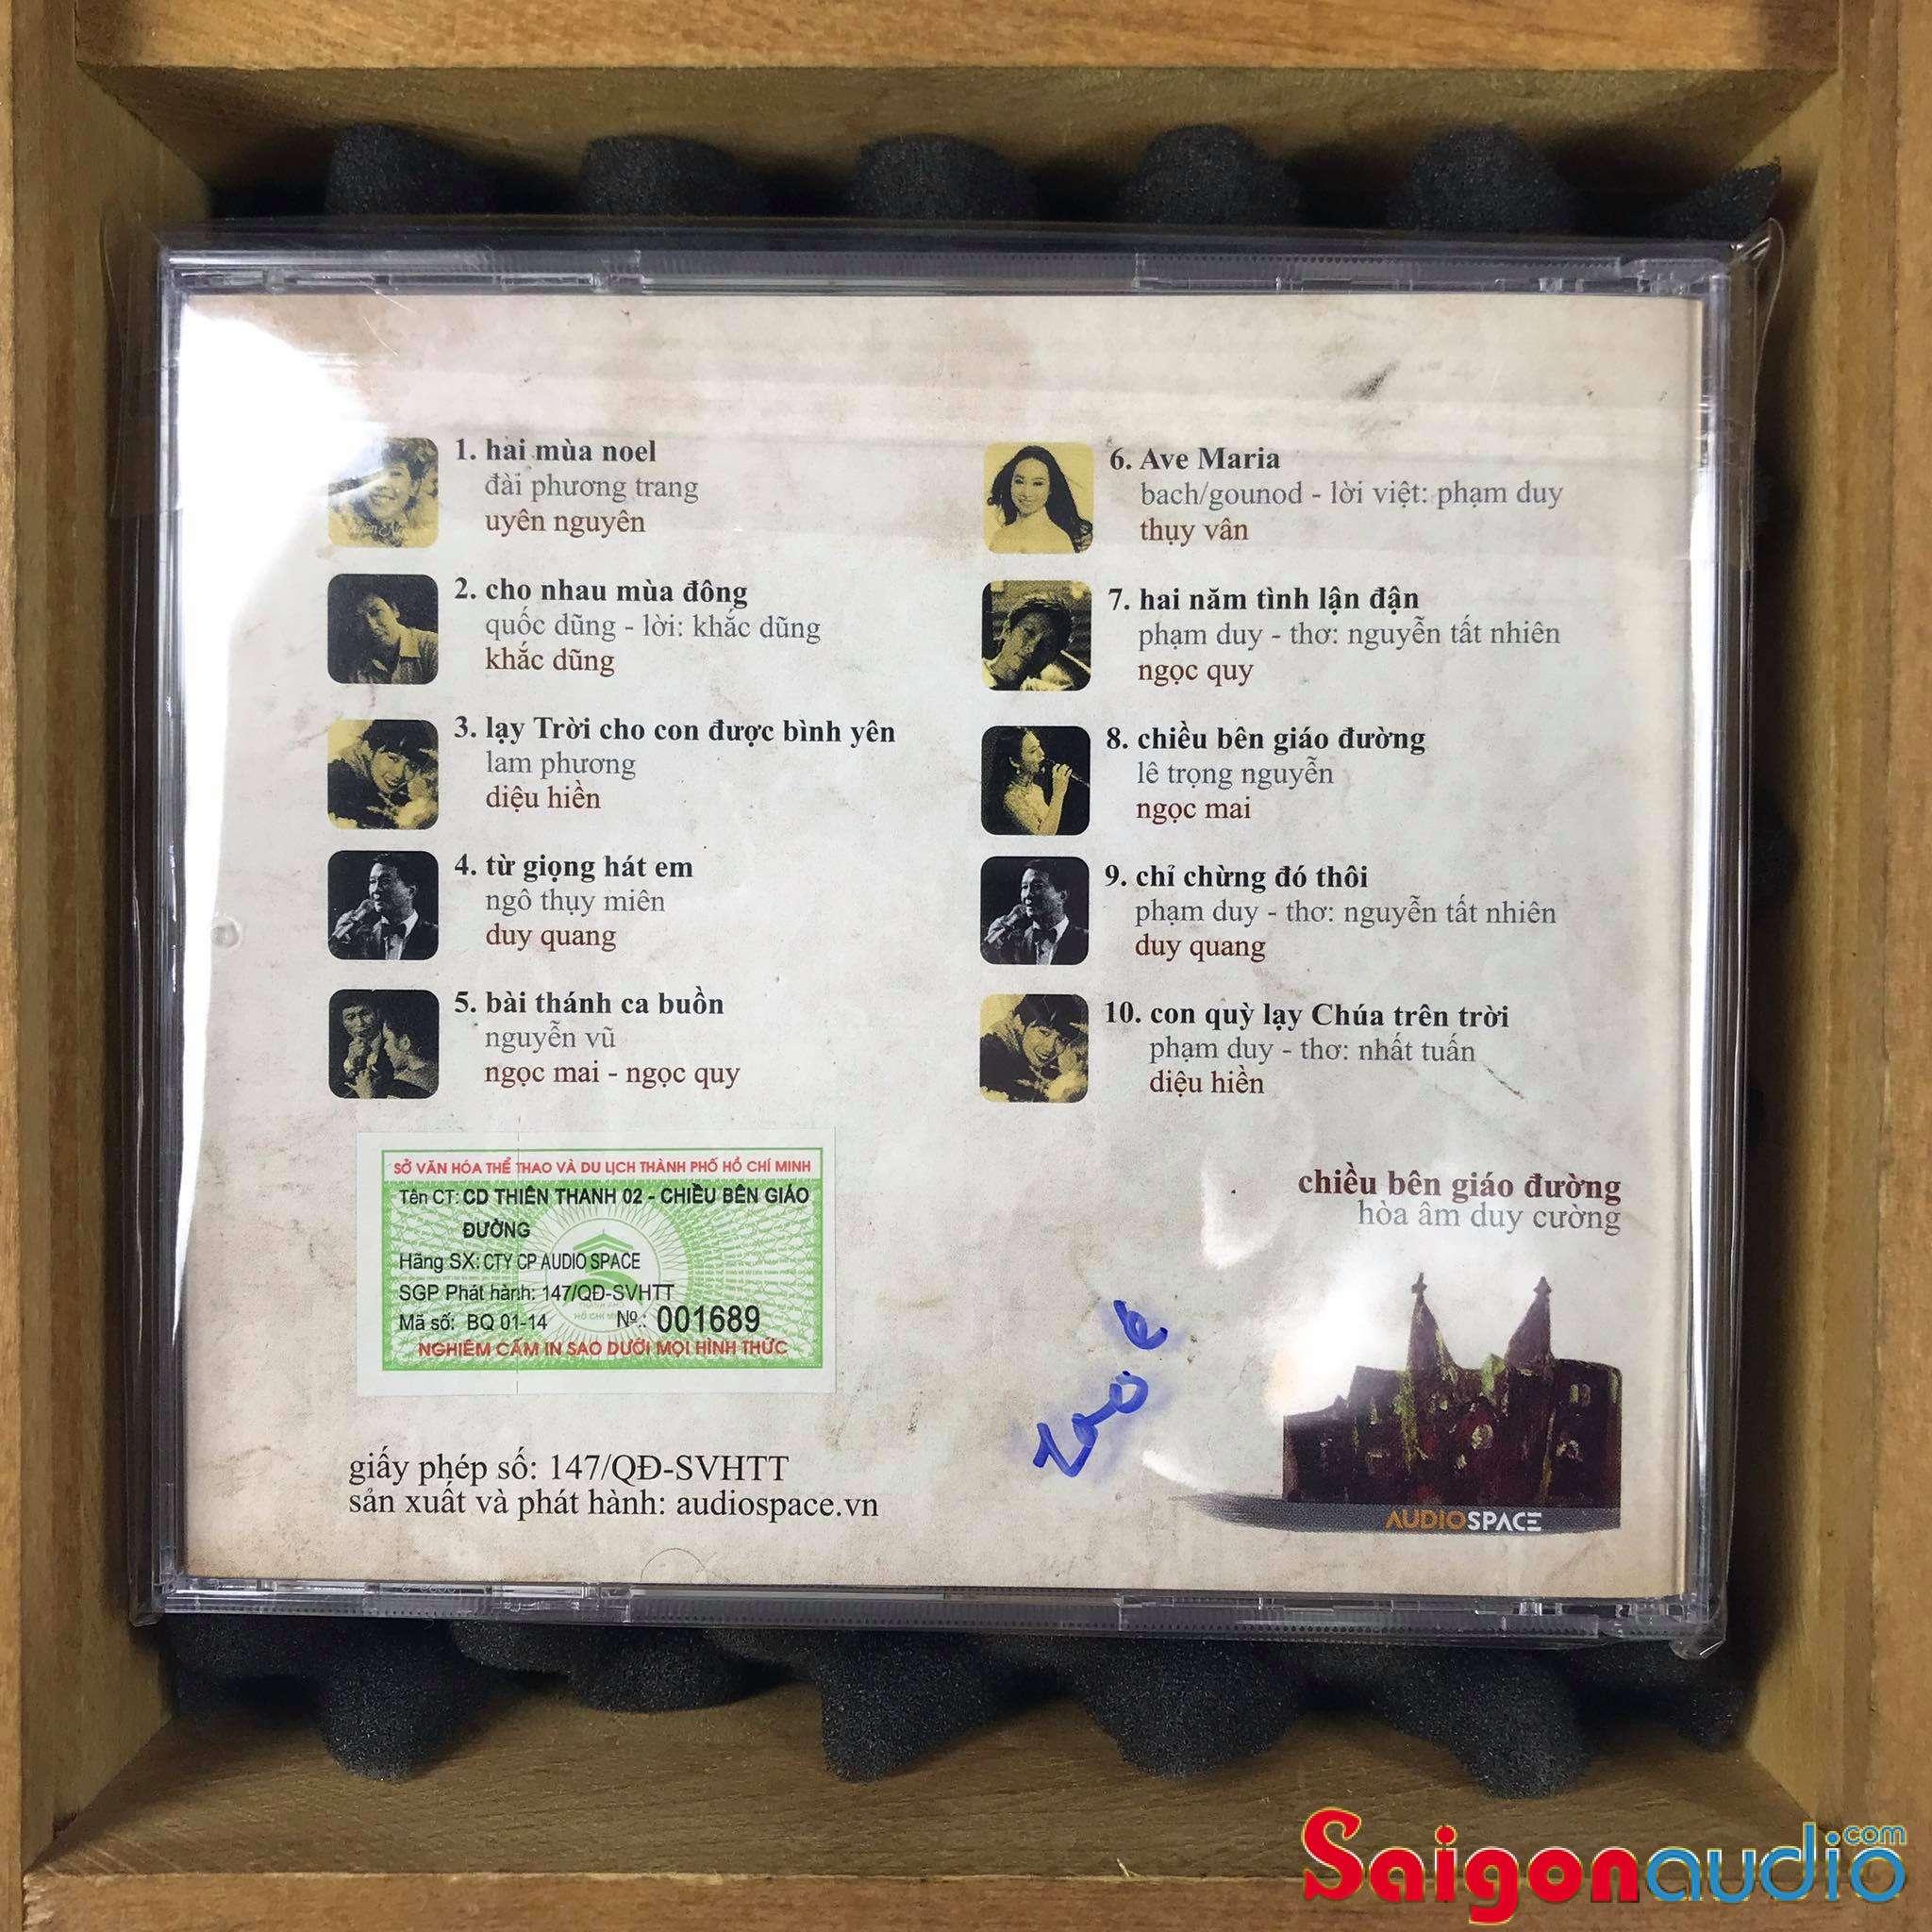 Đĩa CD nhạc gốc Hoà Âm Duy Cường - Chiều Bên Giáo Đường (Free ship khi mua 2 đĩa CD cùng hoặc khác loại)